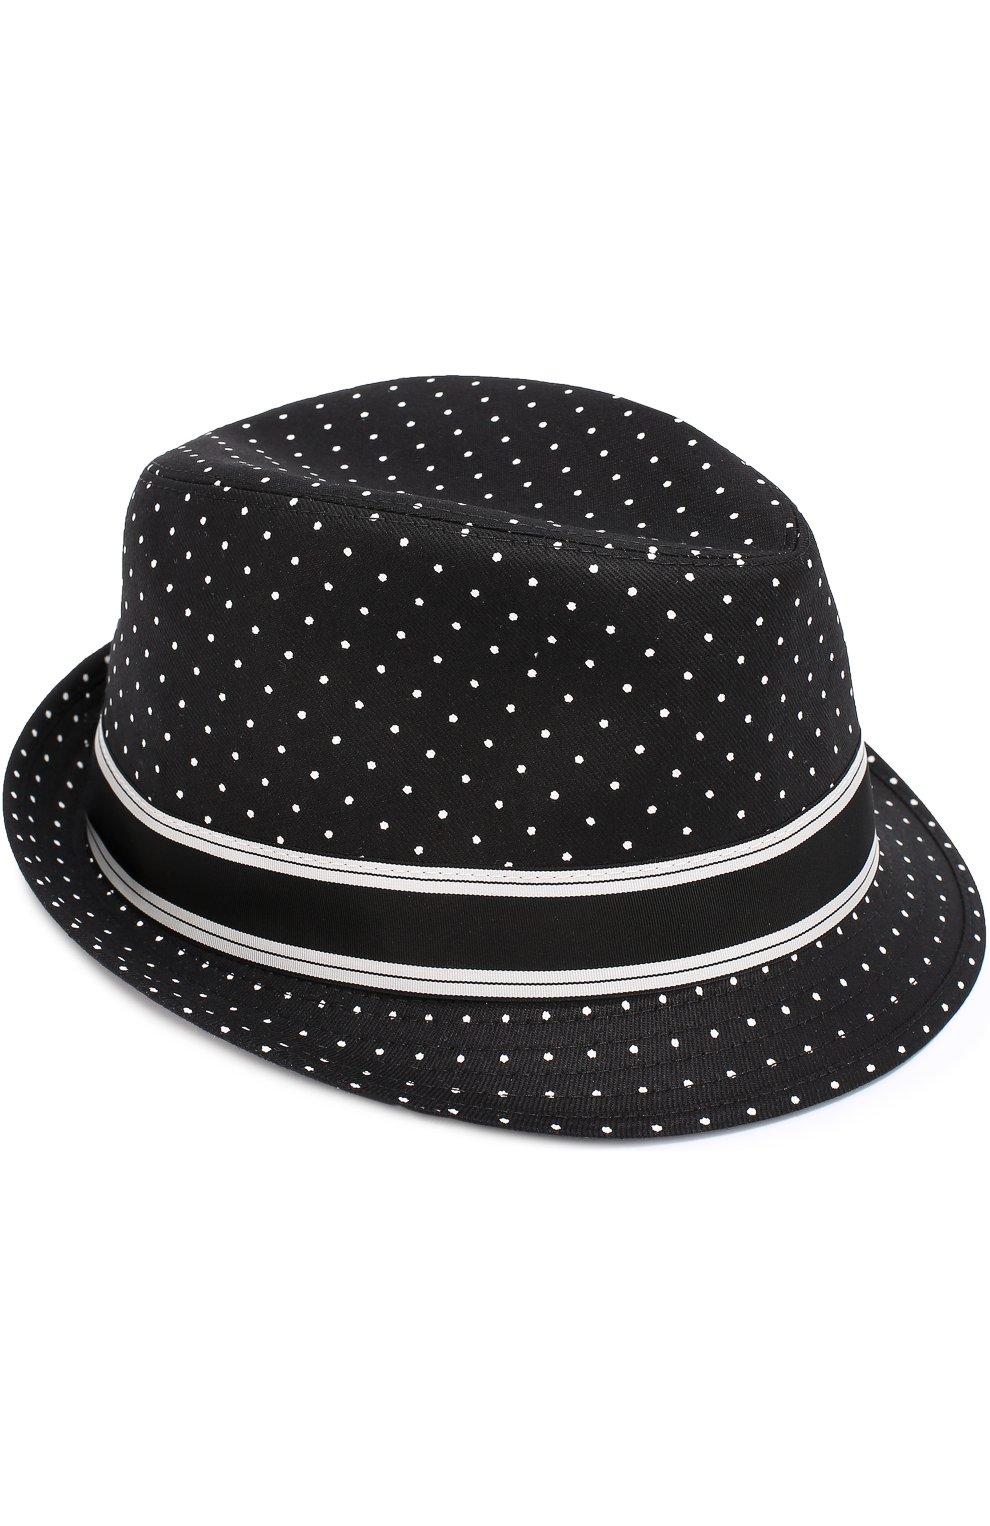 Хлопковая шляпа трилби с узором Polka Dot | Фото №1